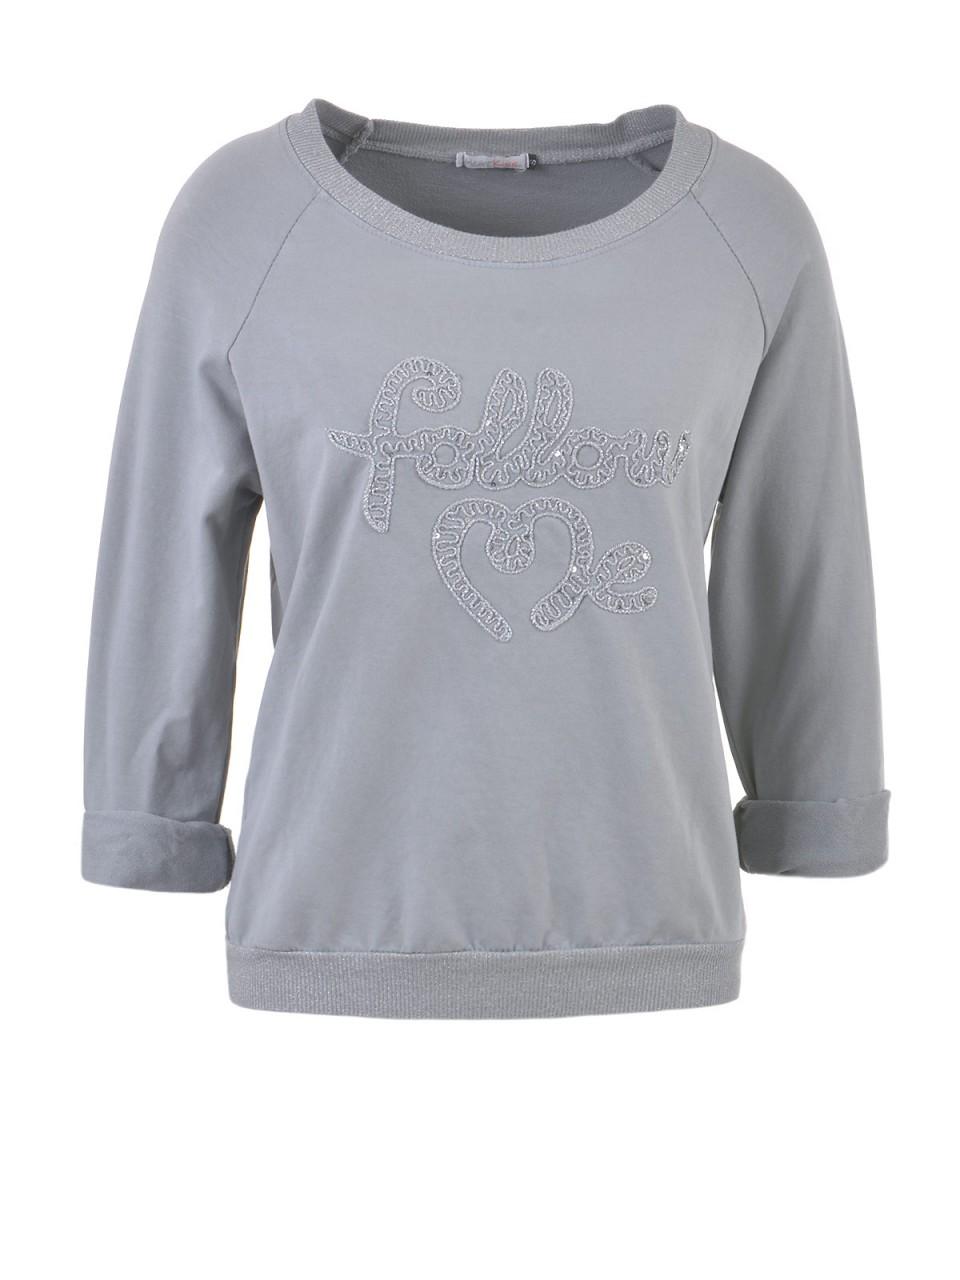 heartkiss-damen-shirt-grau